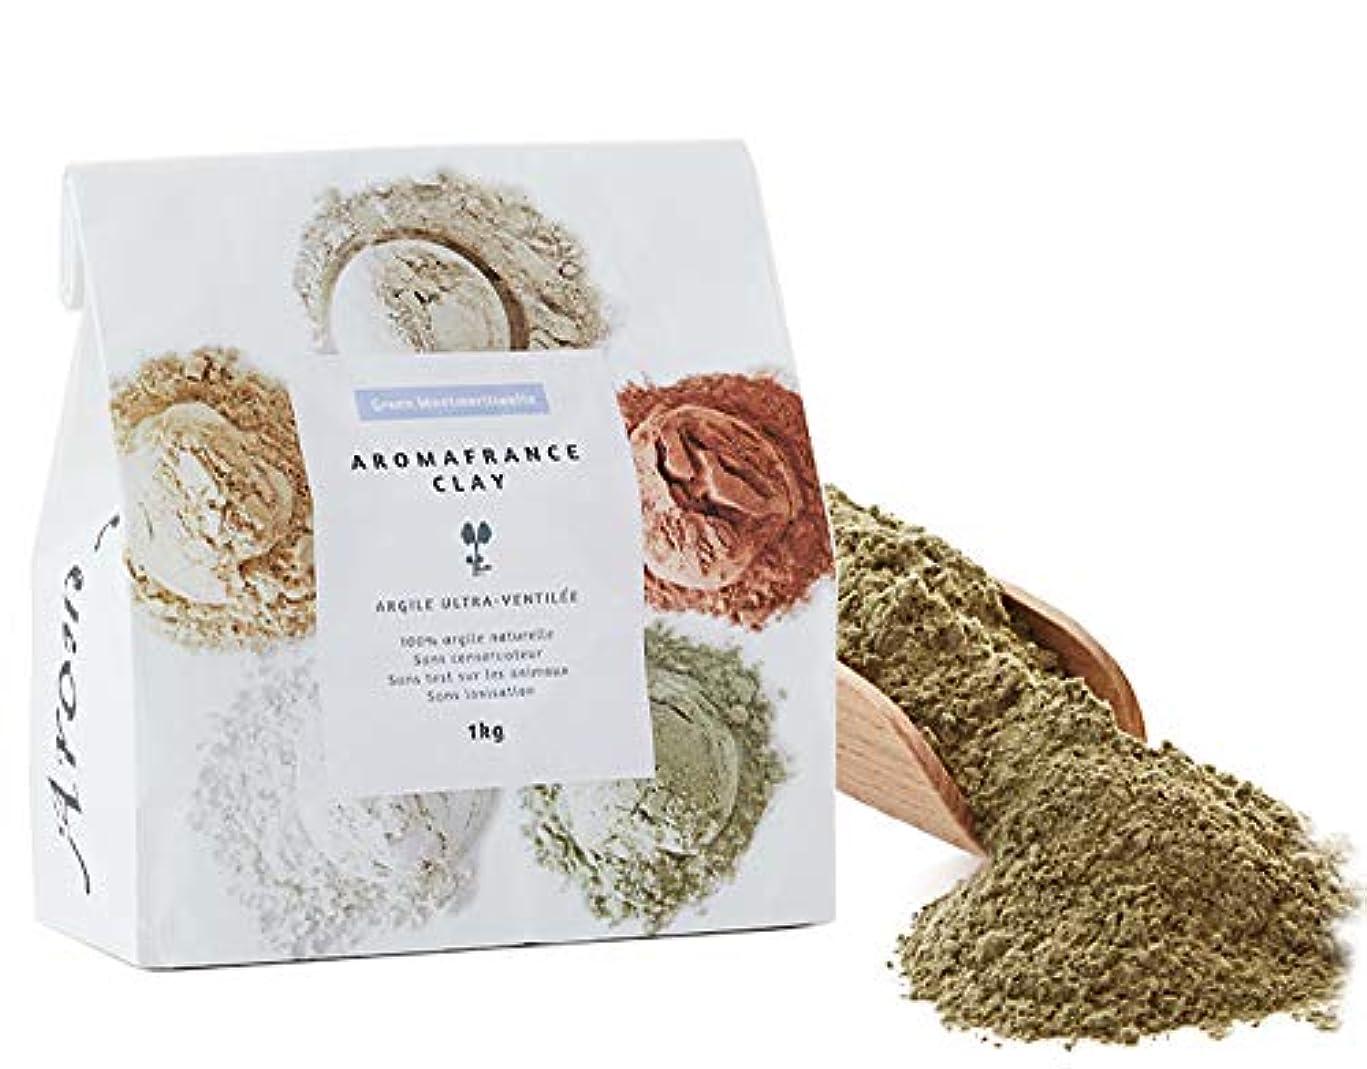 香水パドル配列アロマフランス クレイ モンモリオナイト 1kg